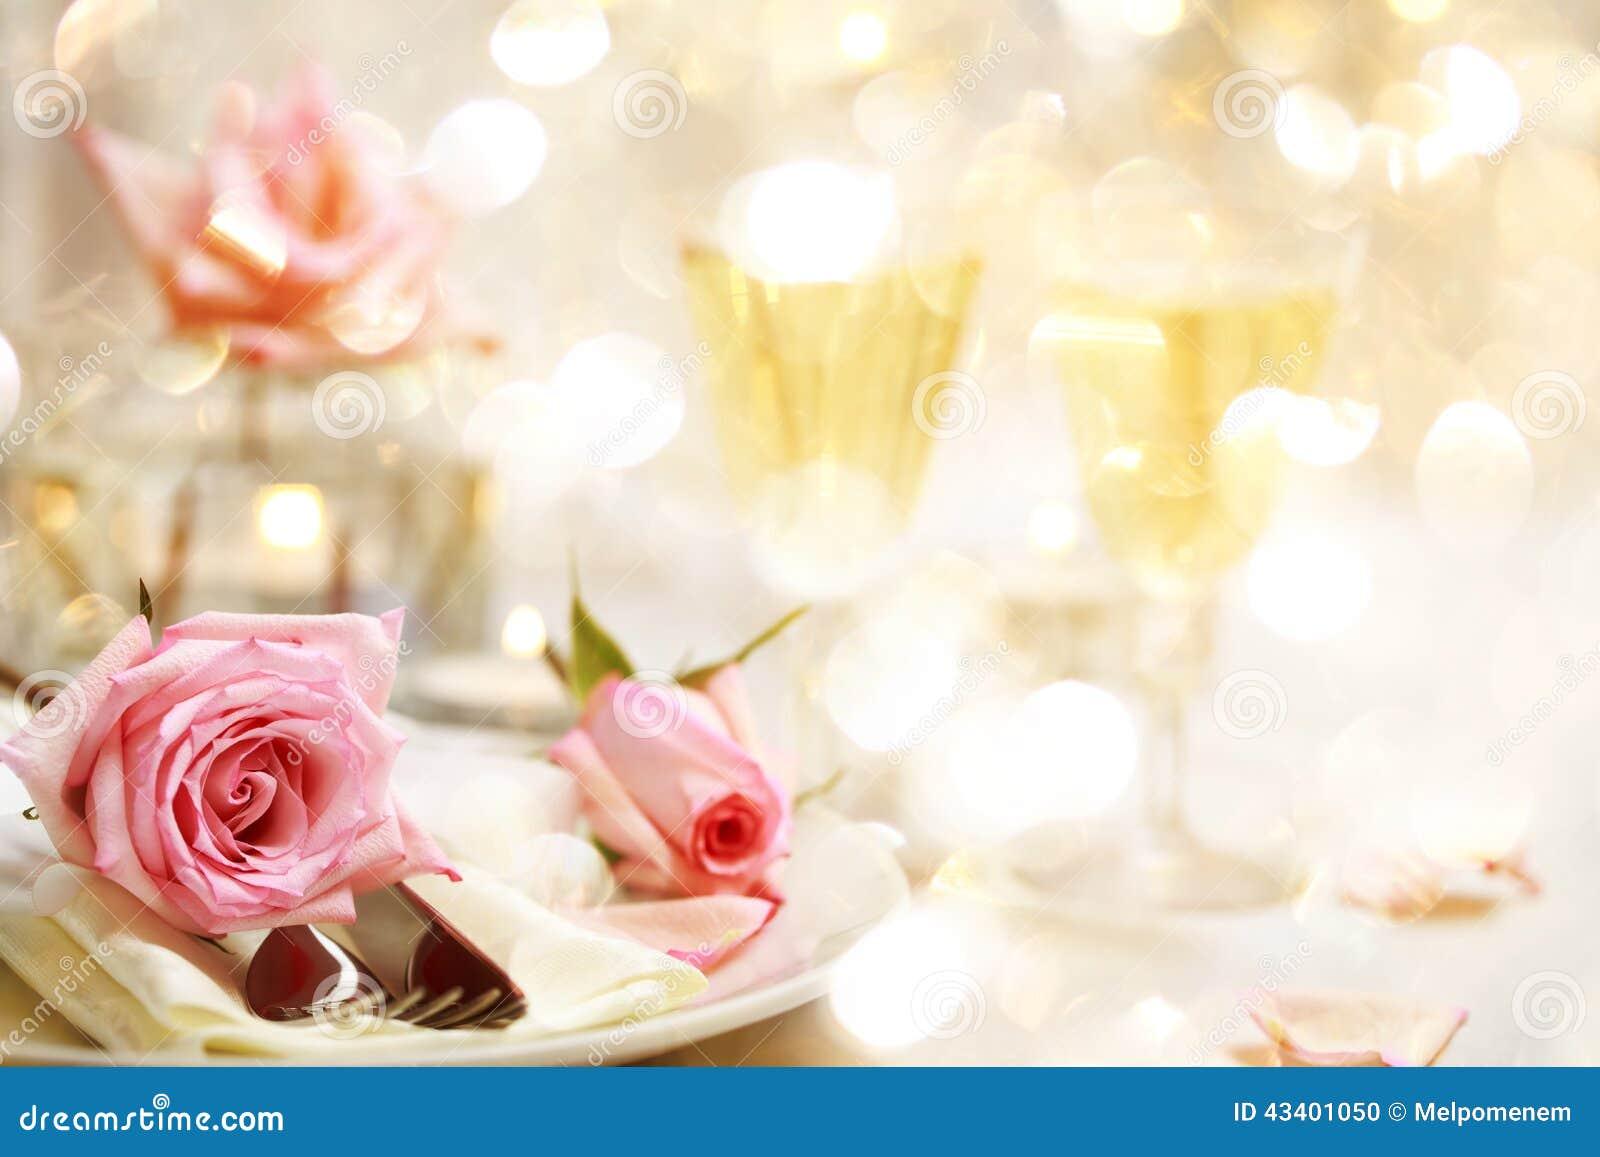 Πίνακας γευμάτων με τα όμορφα ρόδινα τριαντάφυλλα